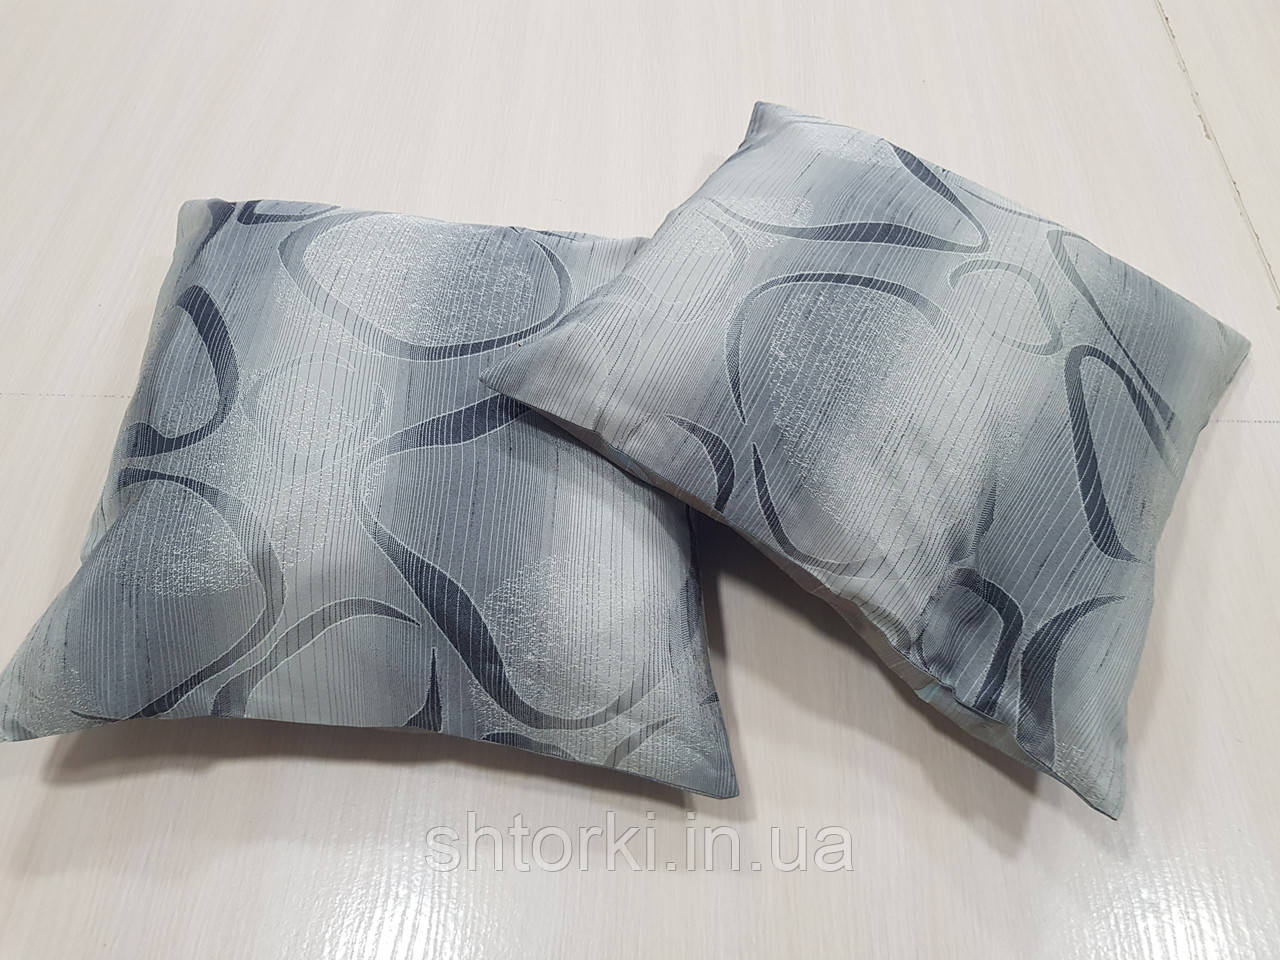 Комплект подушек Абстракция овалы серые 2шт